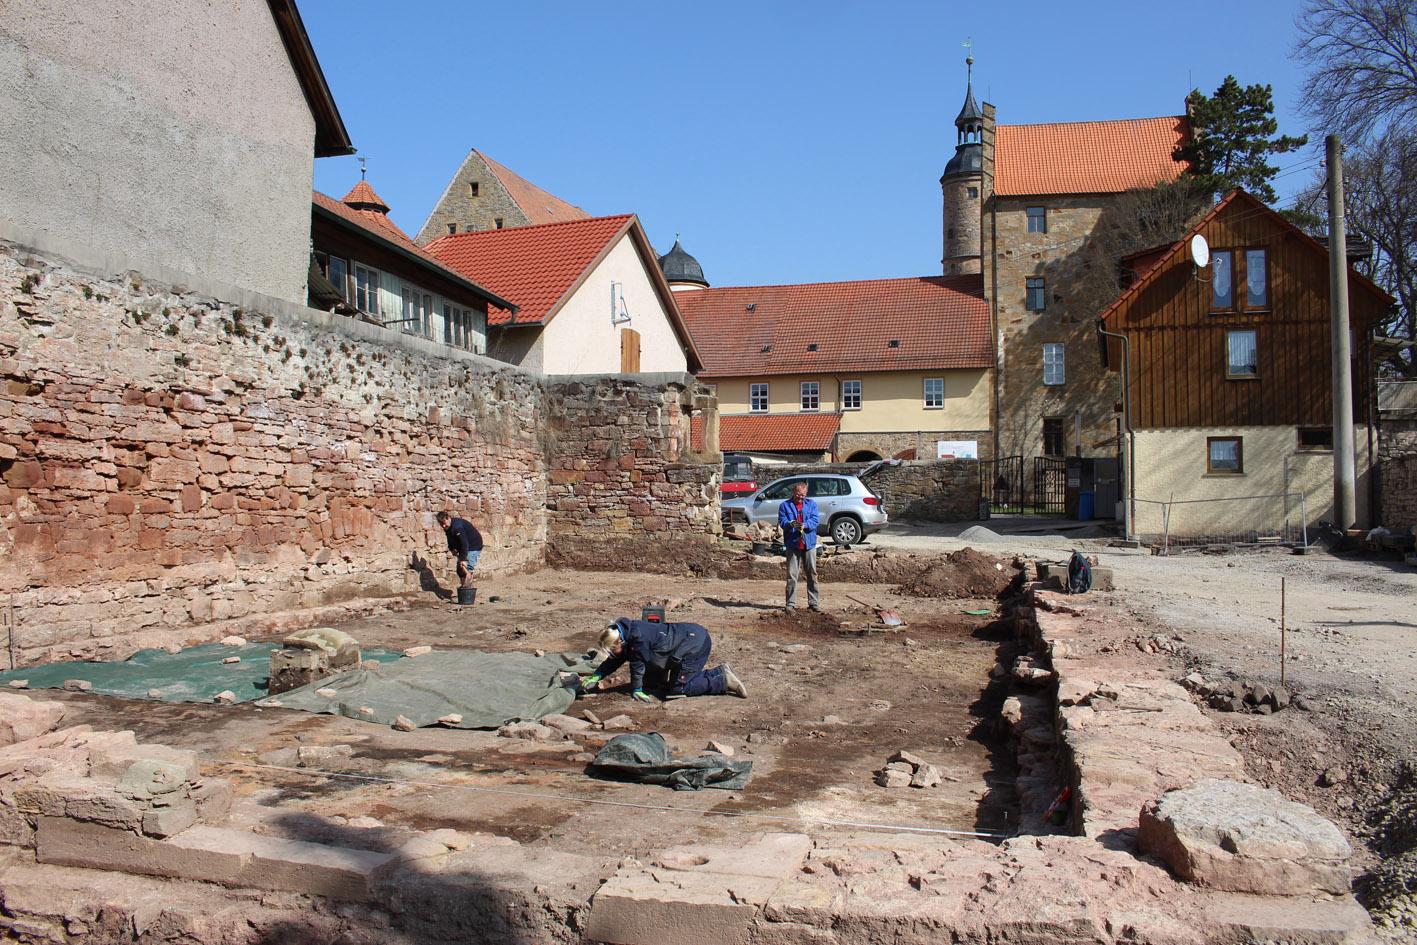 Grabungsfläche, im Vordergrund Grabungsmitarbeiter, im Hintergrund Schlossturm